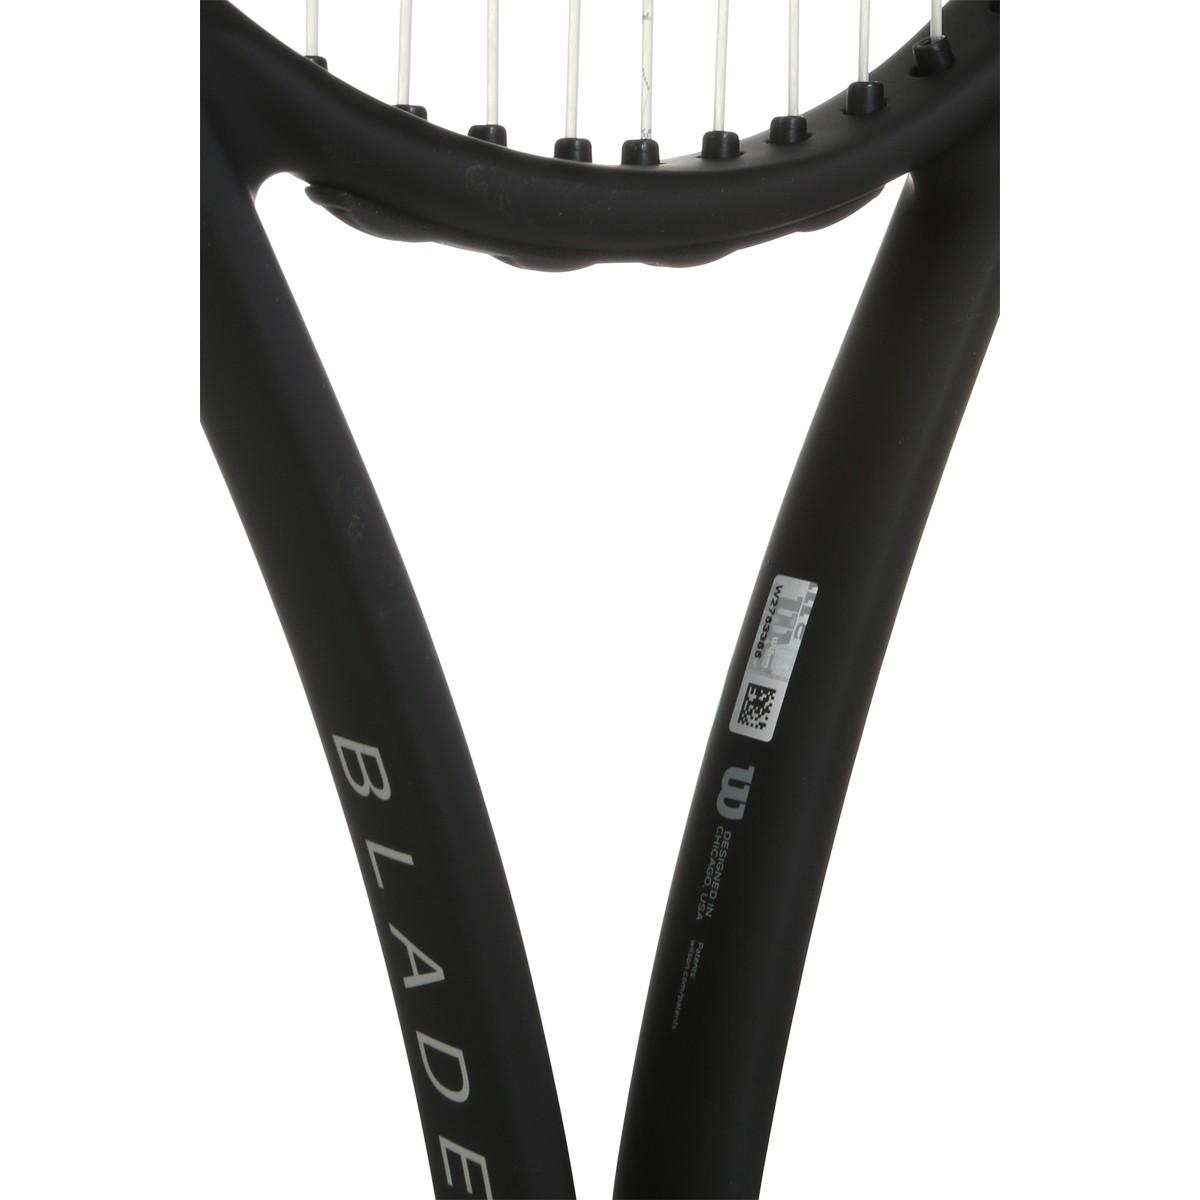 WILSON BLADE 98 16x19 V7 0 RACQUET - WILSON - Adult Racquets